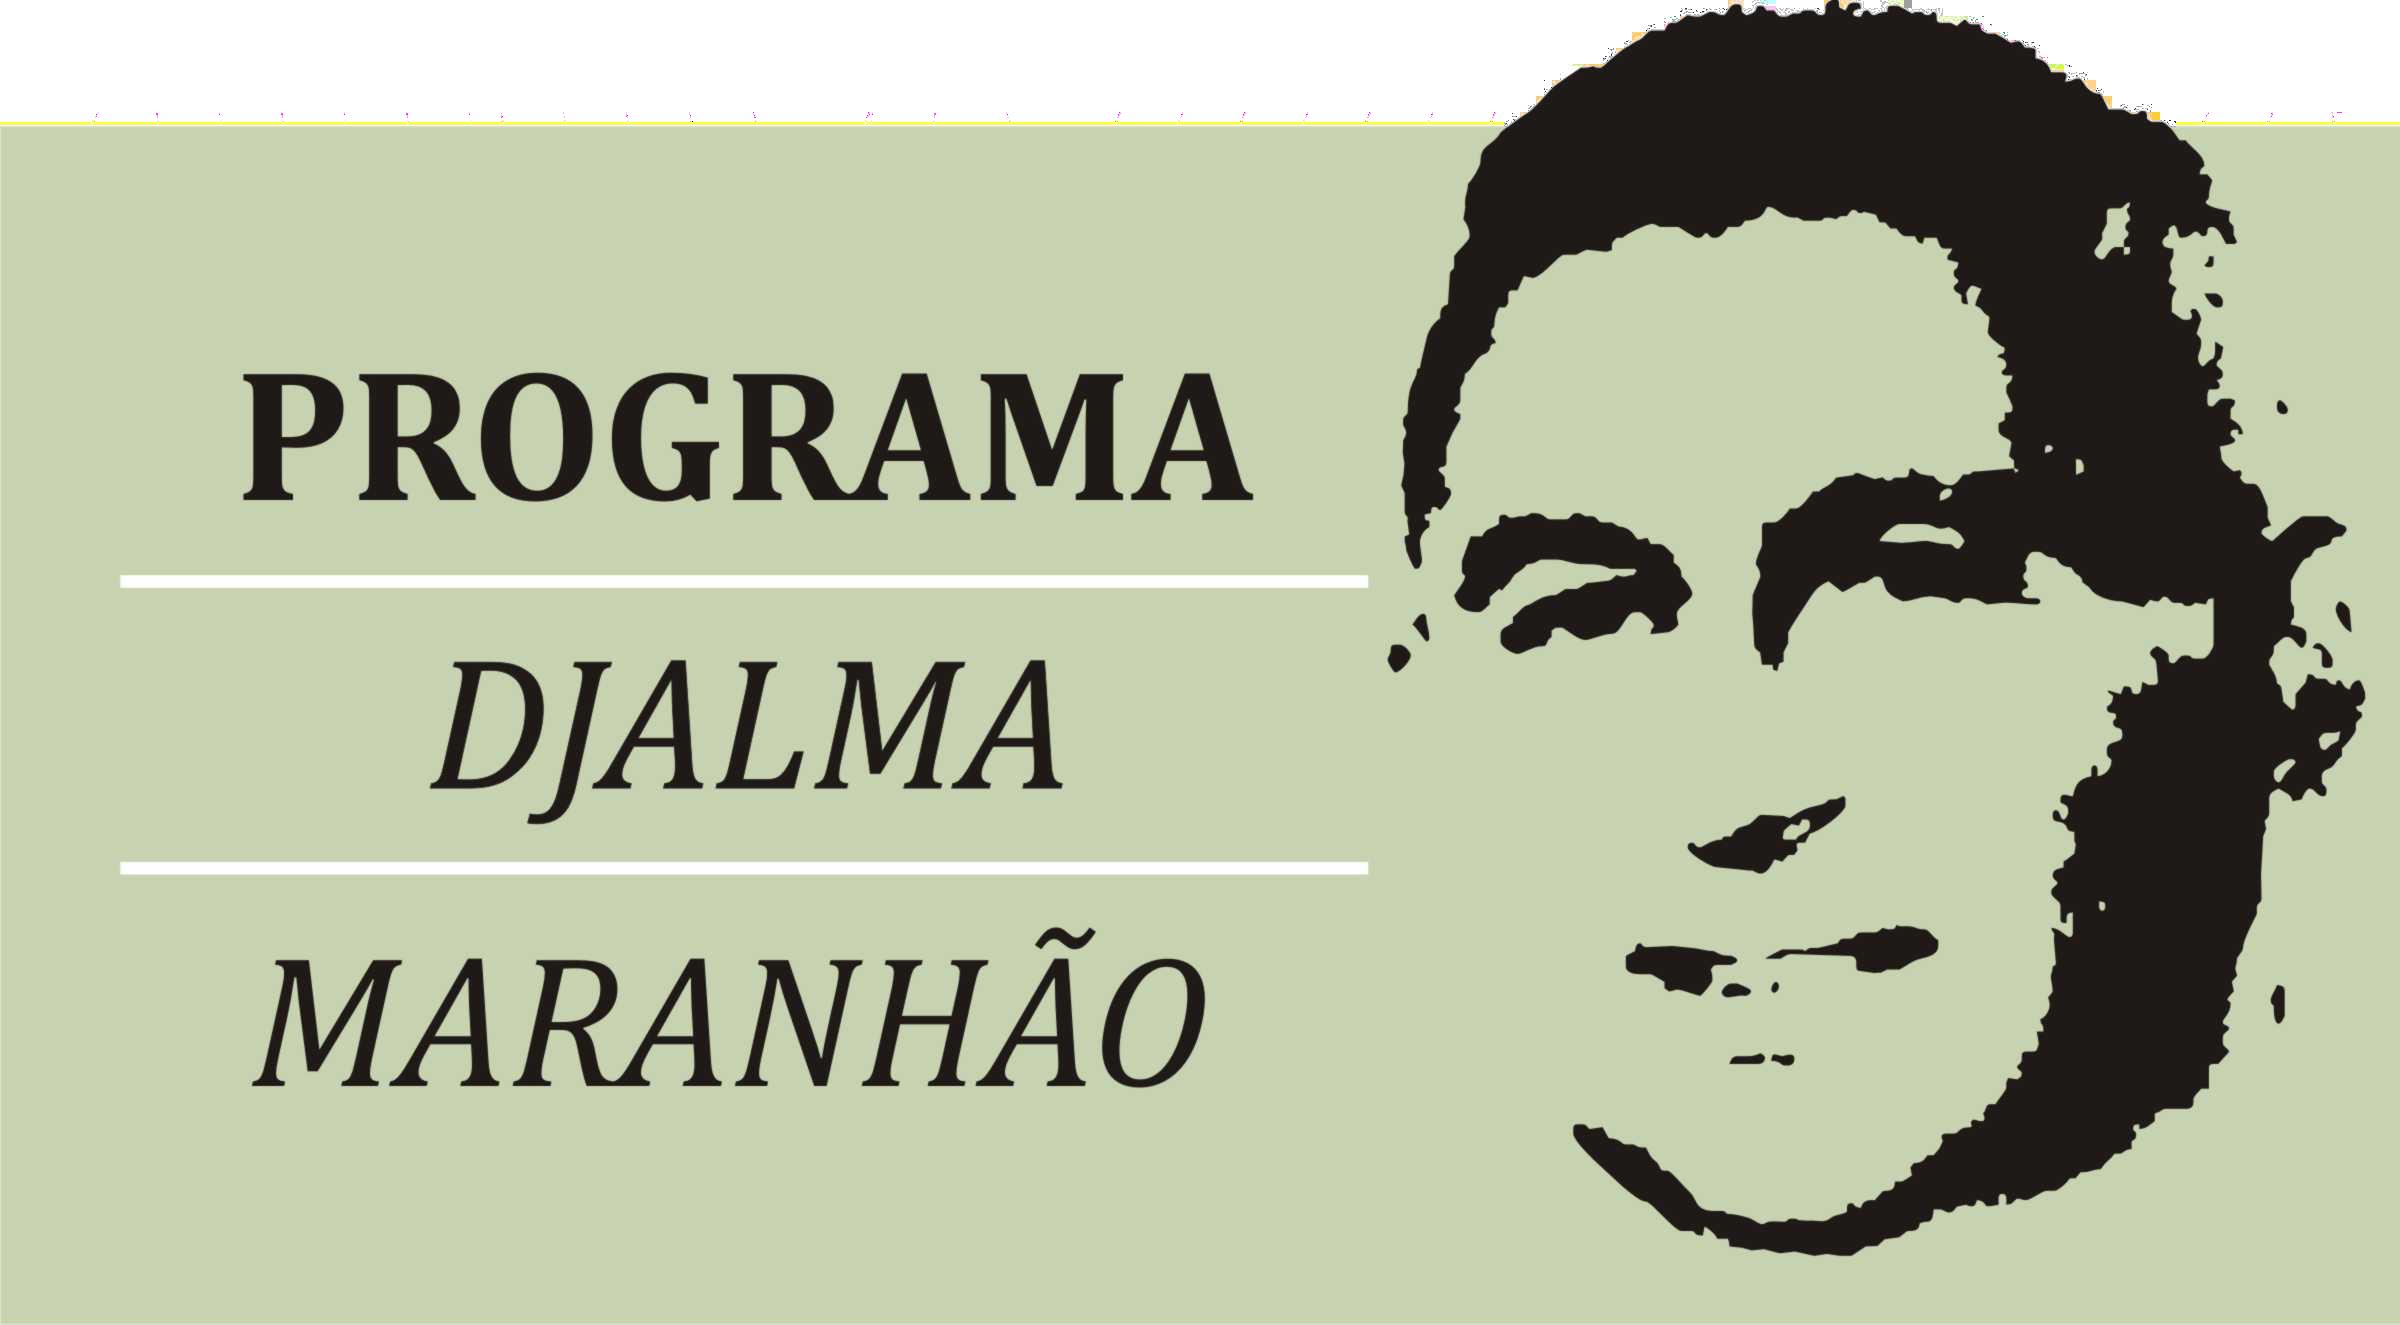 Lei Djalma Maranhão